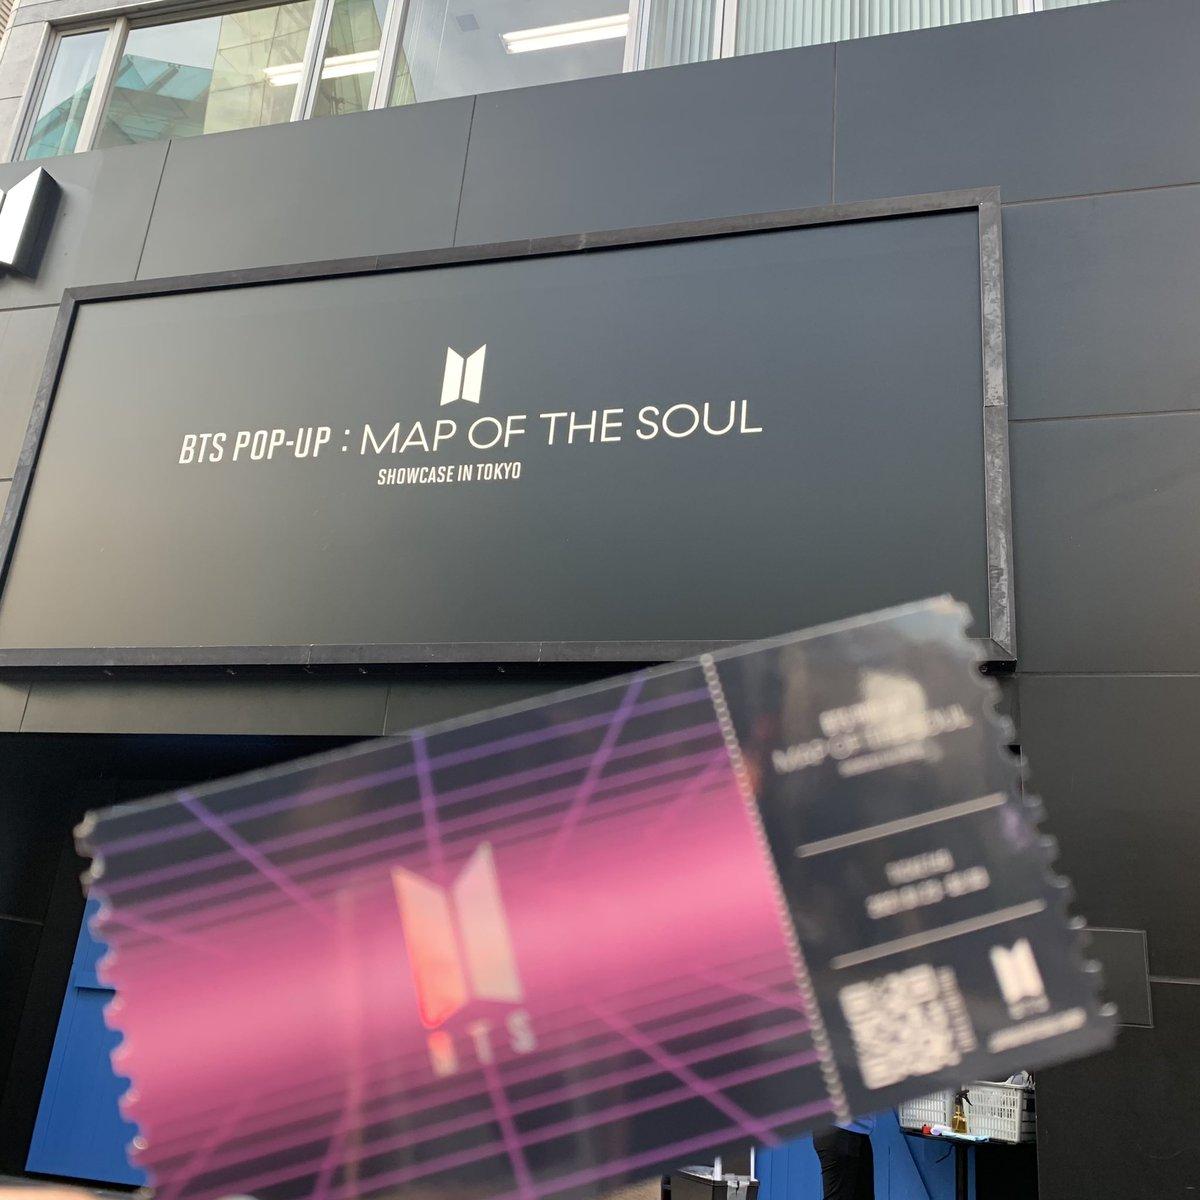 #BTS_POPUP  #Map_of_the_soul  #bts #bt21 #LINEFRIENDSSHOP